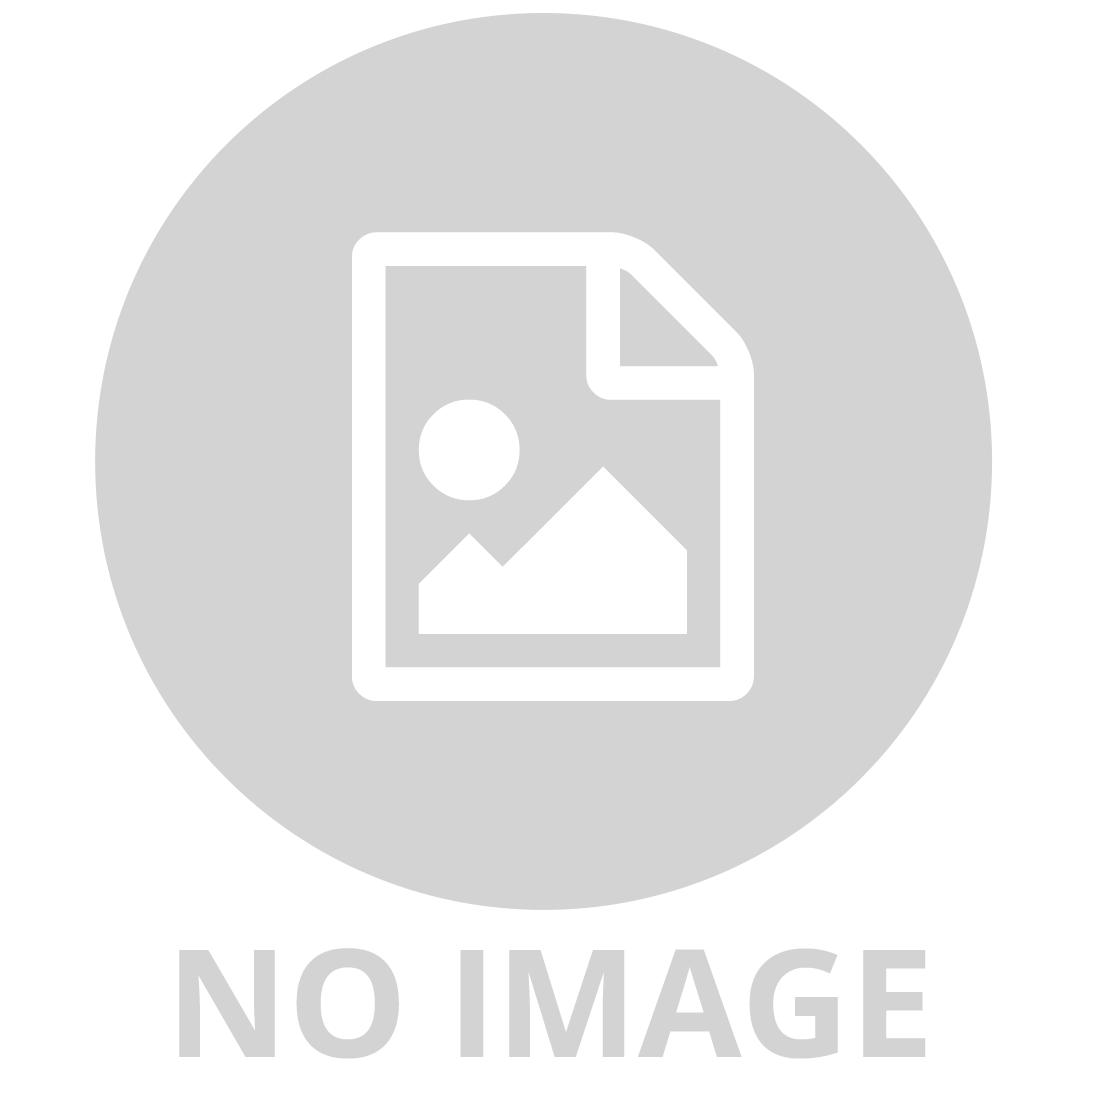 LEGO STARWARS 75267 MANDALORIAN BATTLE PACK